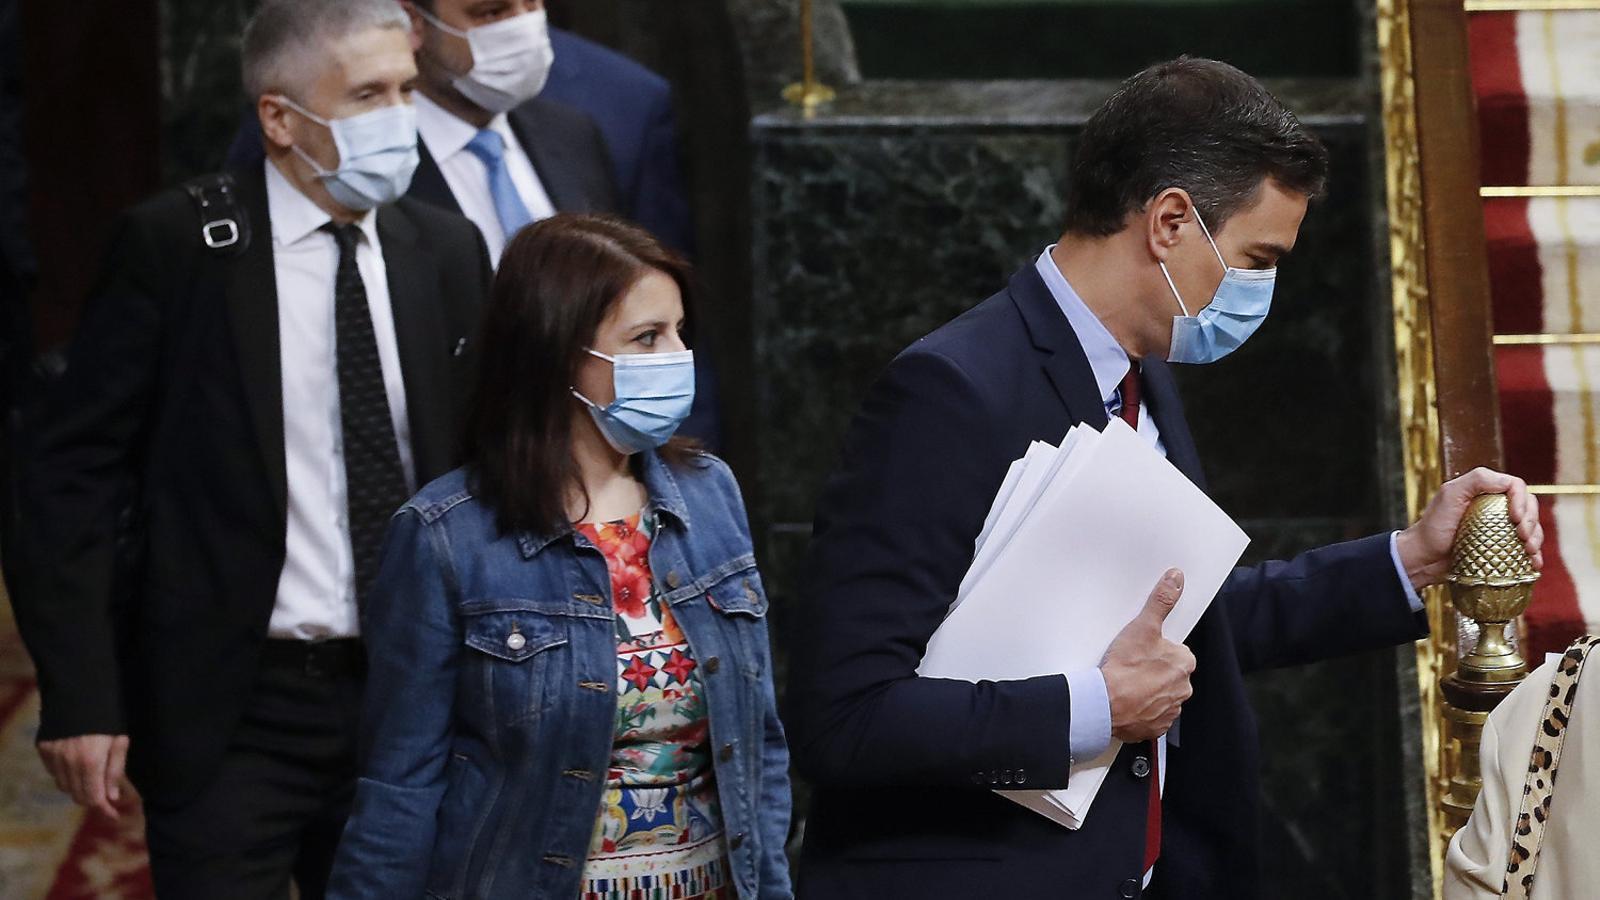 El president espanyol, Pedro Sánchez, aquesta setmana al Congrés amb el ministre de l'Interior, Fernando Grande-Marlaska, i la portaveu del PSOE, Adriana Lastra.